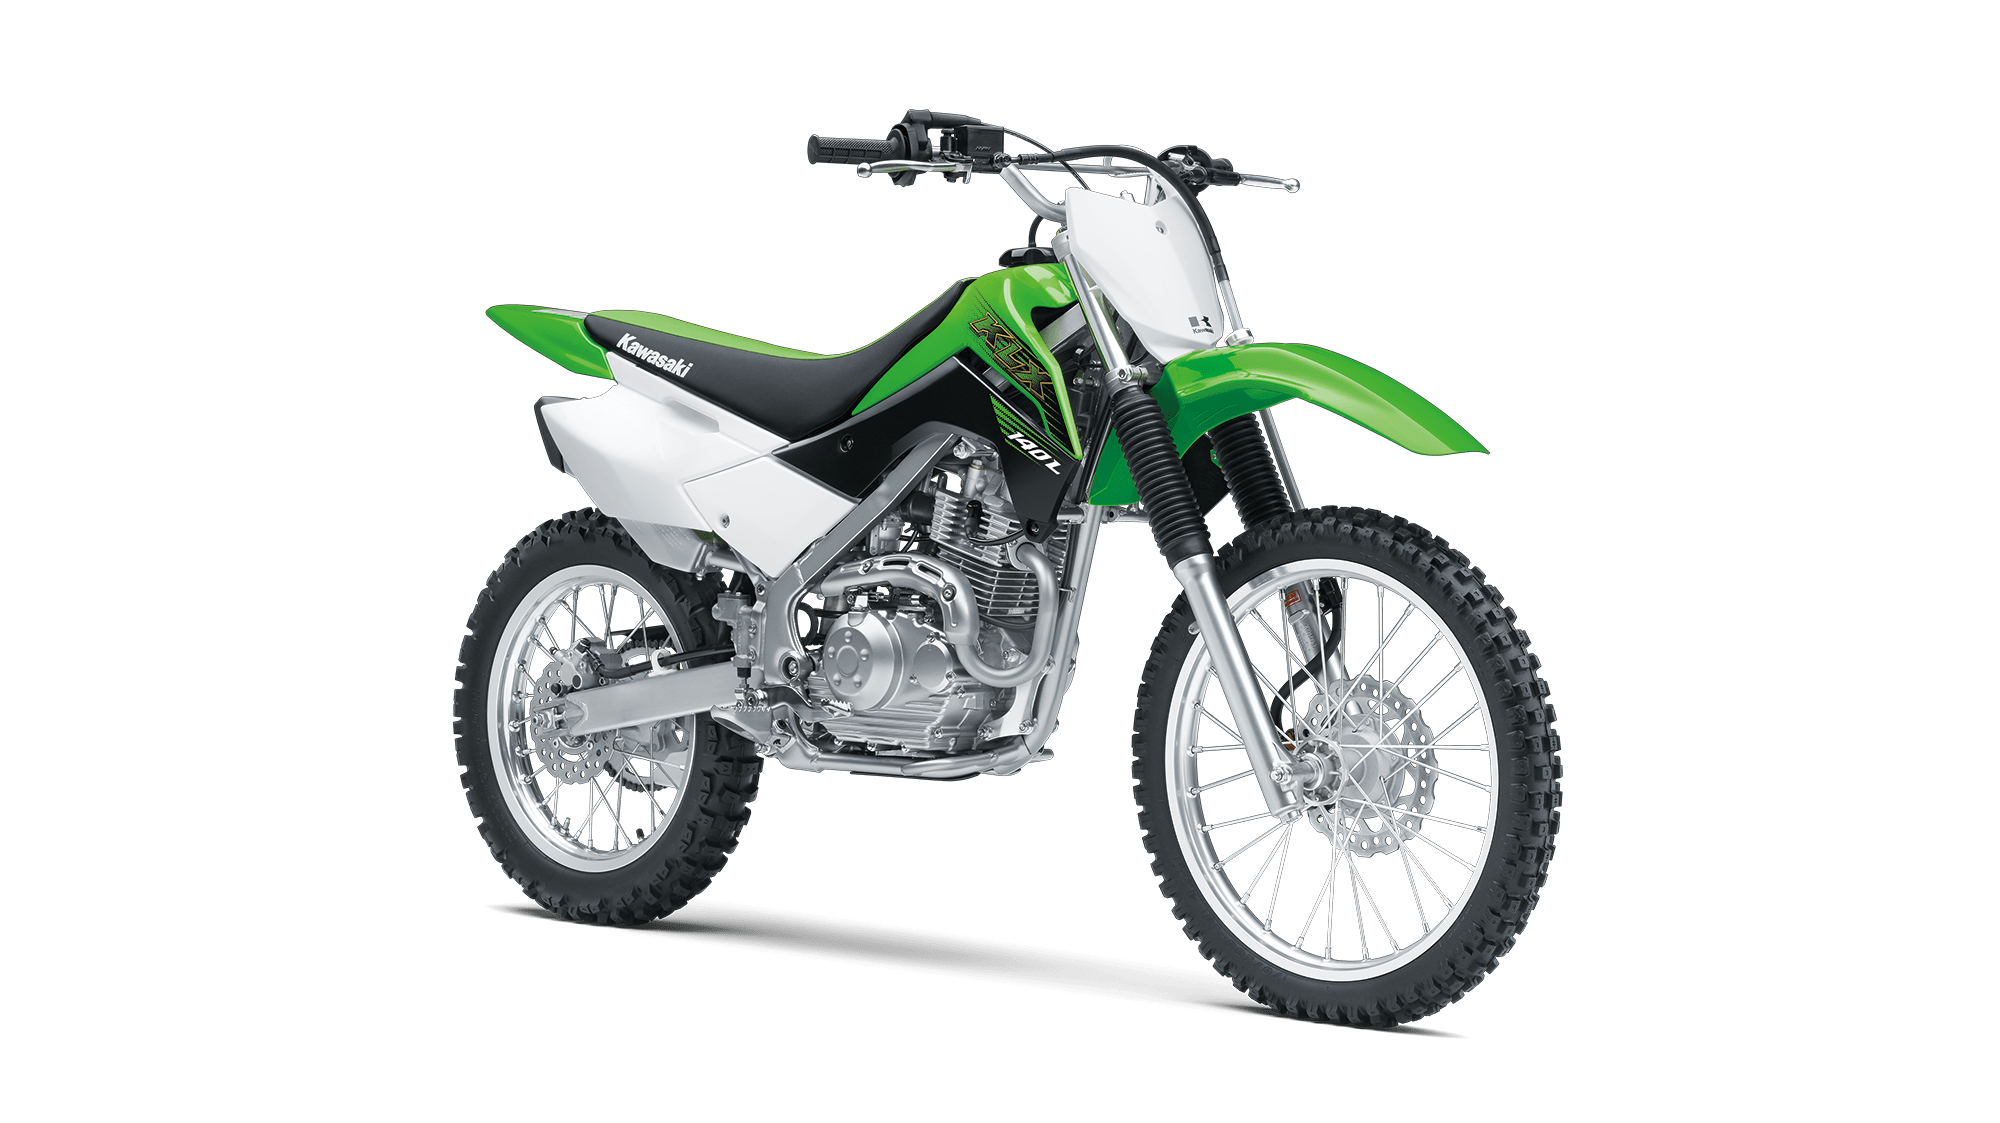 2020 KLX®140L KLR™/KLX® Motorcycle by Kawasaki